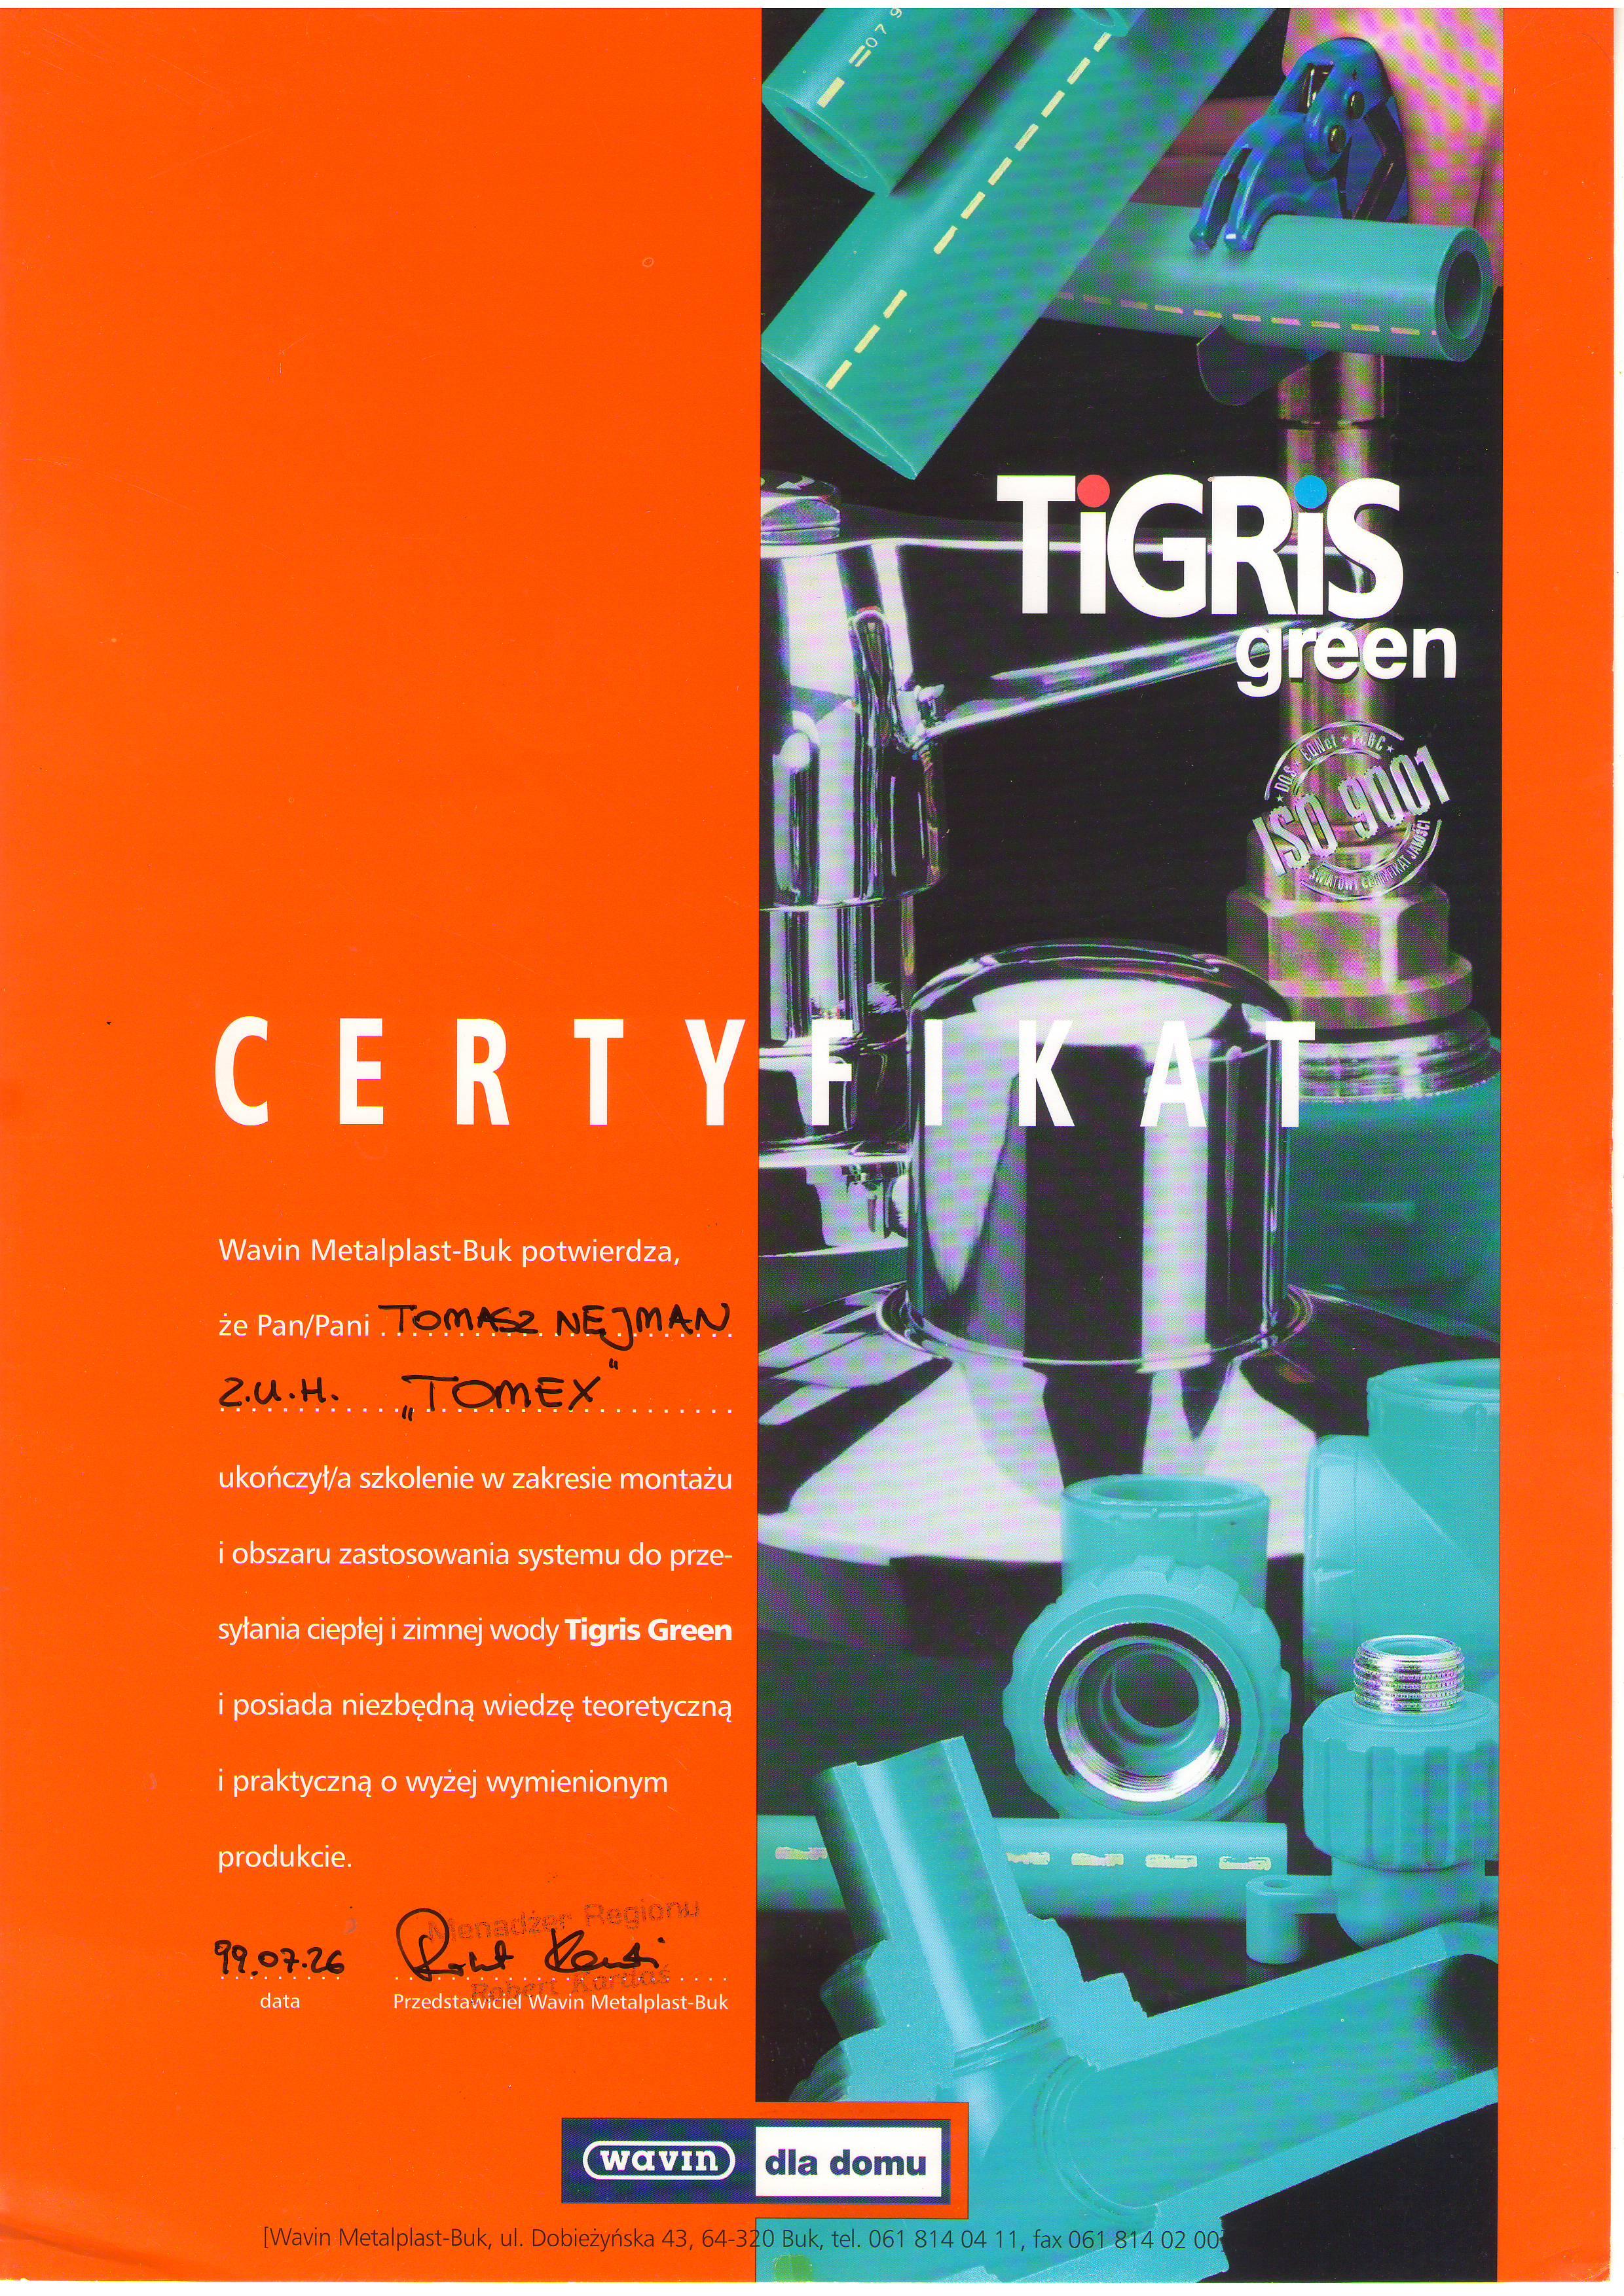 Certyfikat Tigris Green Instalacje wodnokanalizacyjne